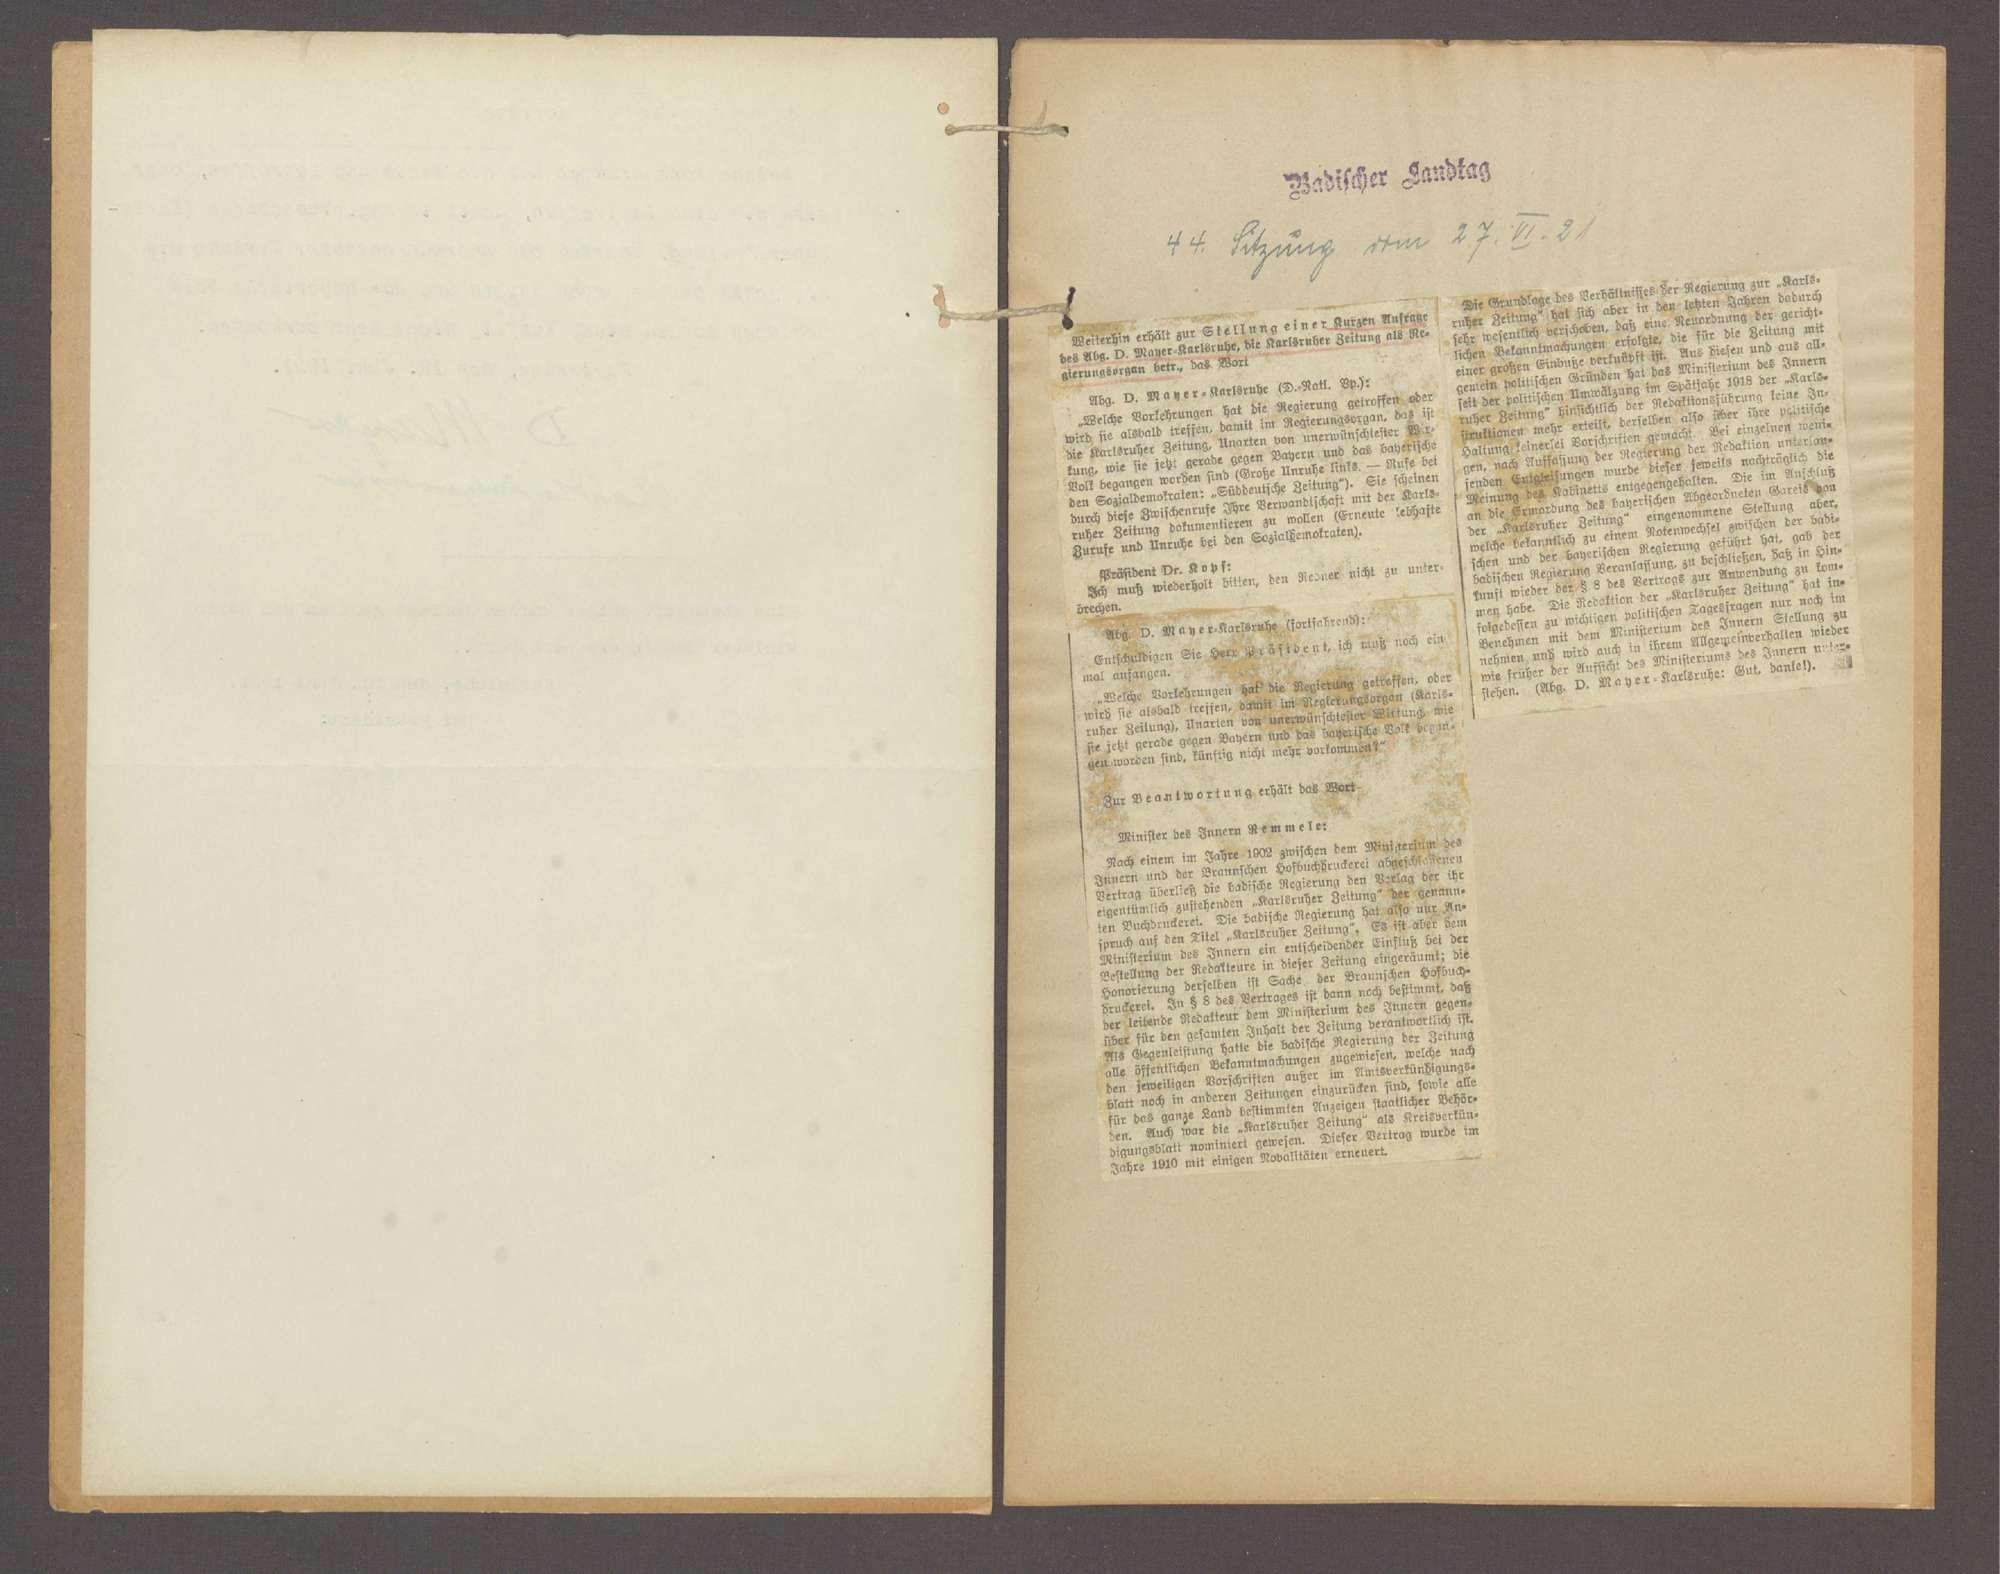 Kurze Anfrage des Abg. D. Mayer (Karlsruhe), die Karlsruher Zeitung als Regierungsorgan betr., Bild 3